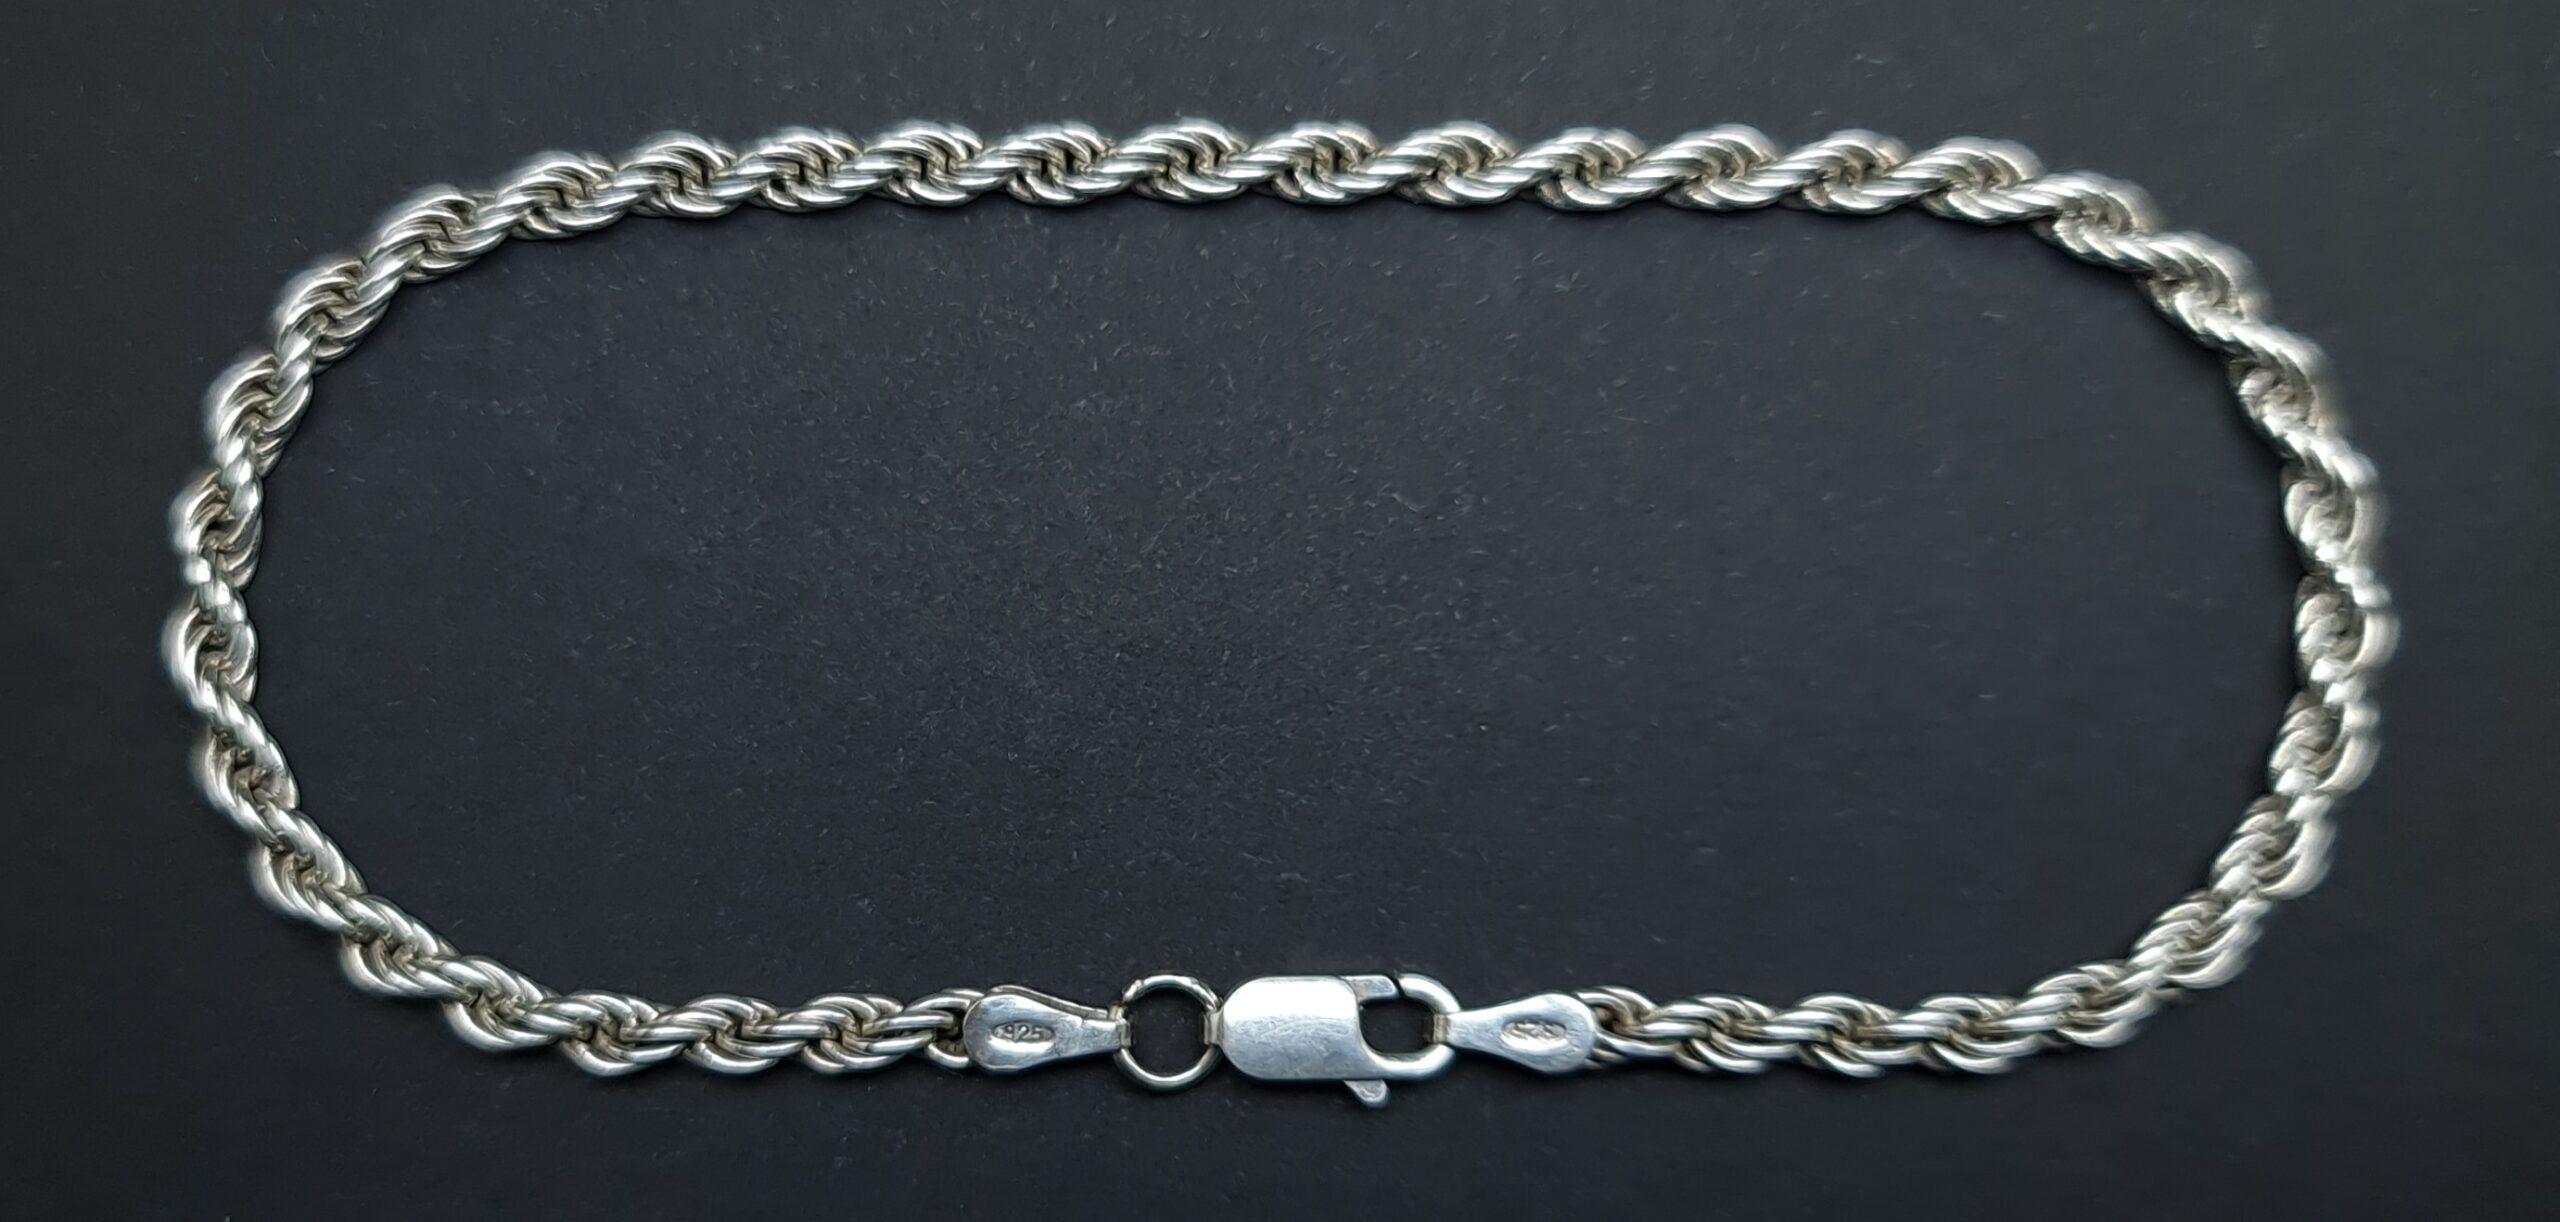 zilveren rope armband silver rope chain sterling silver rope bracelet sterling silver zilver armband gevlochten schakel touw schakel armband skoander.com